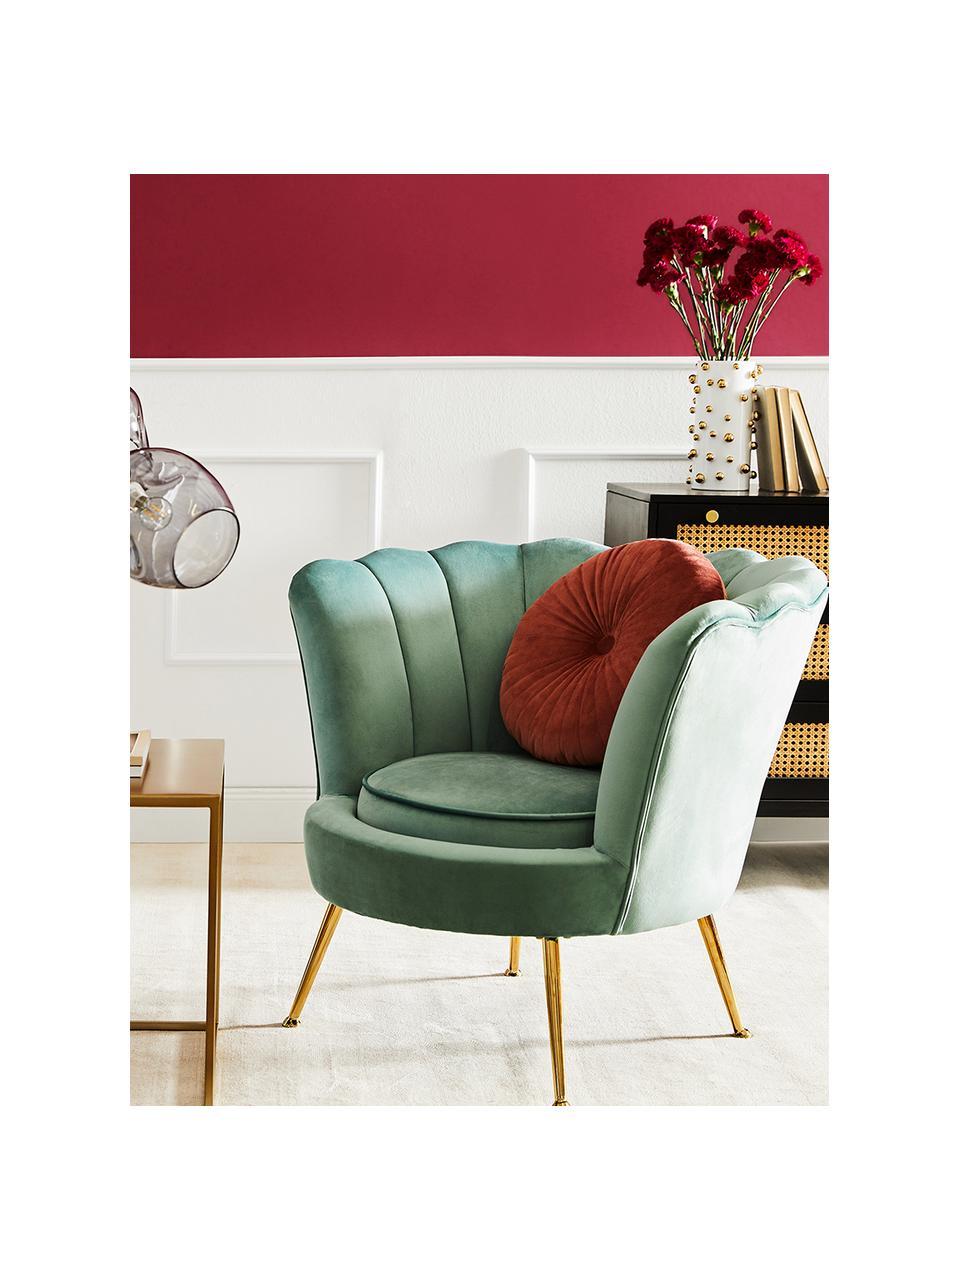 Fotel z aksamitu Oyster, Tapicerka: aksamit (poliester) Dzięk, Nogi: metal galwanizowany, Aksamitny turkusowy, S 81 x G 78 cm